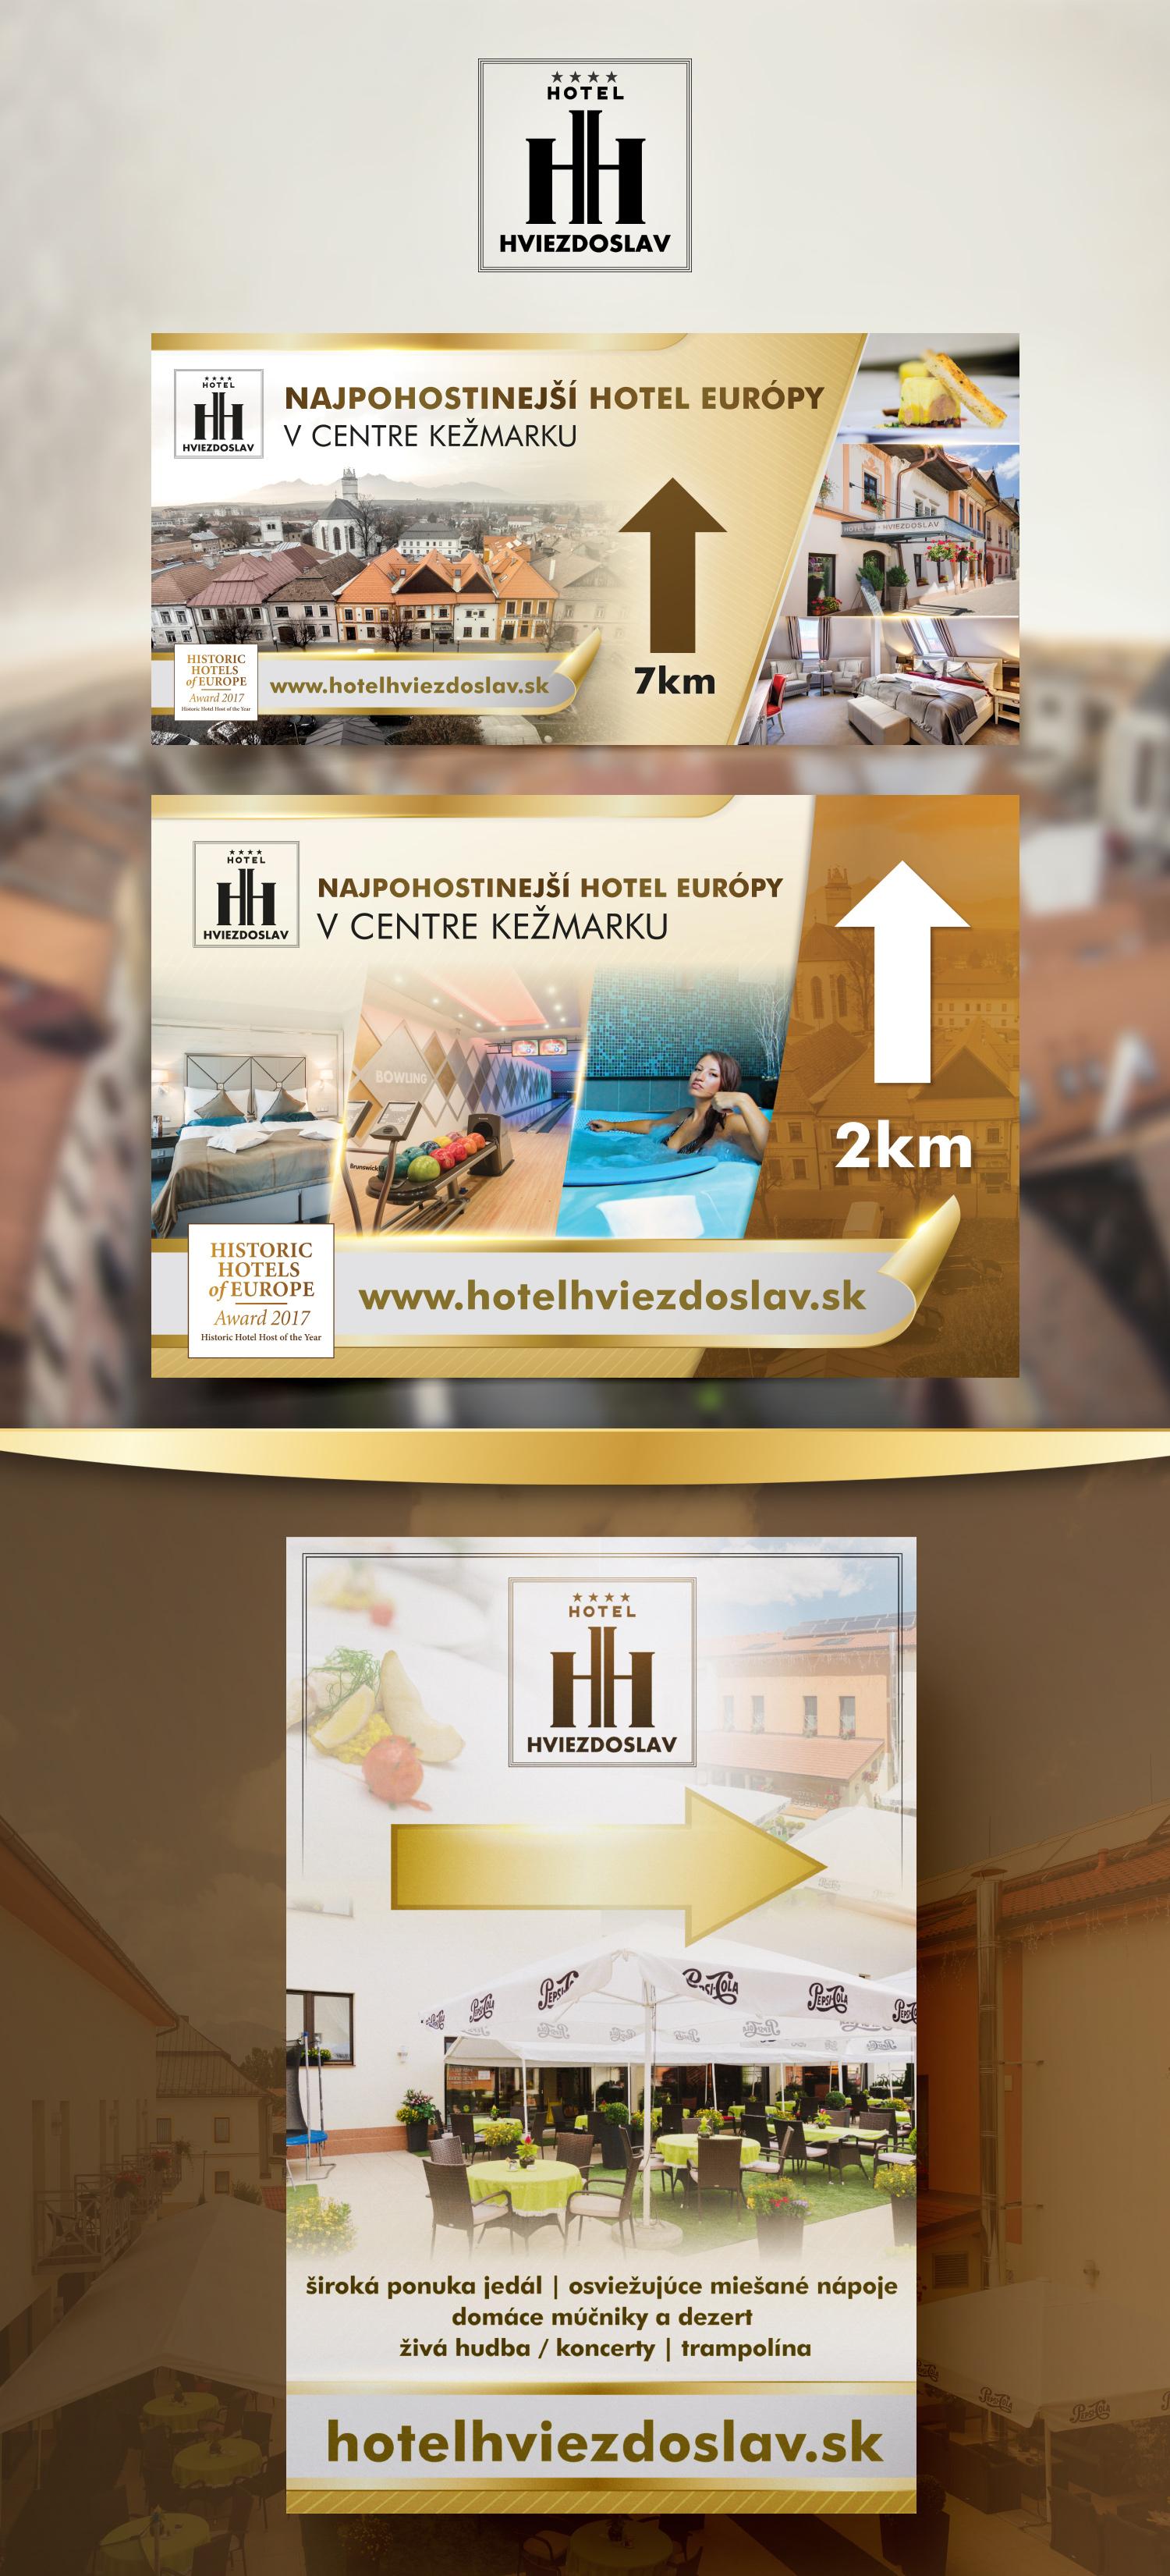 hotel graficke navrhy promo materialov, velkoplosna reklama